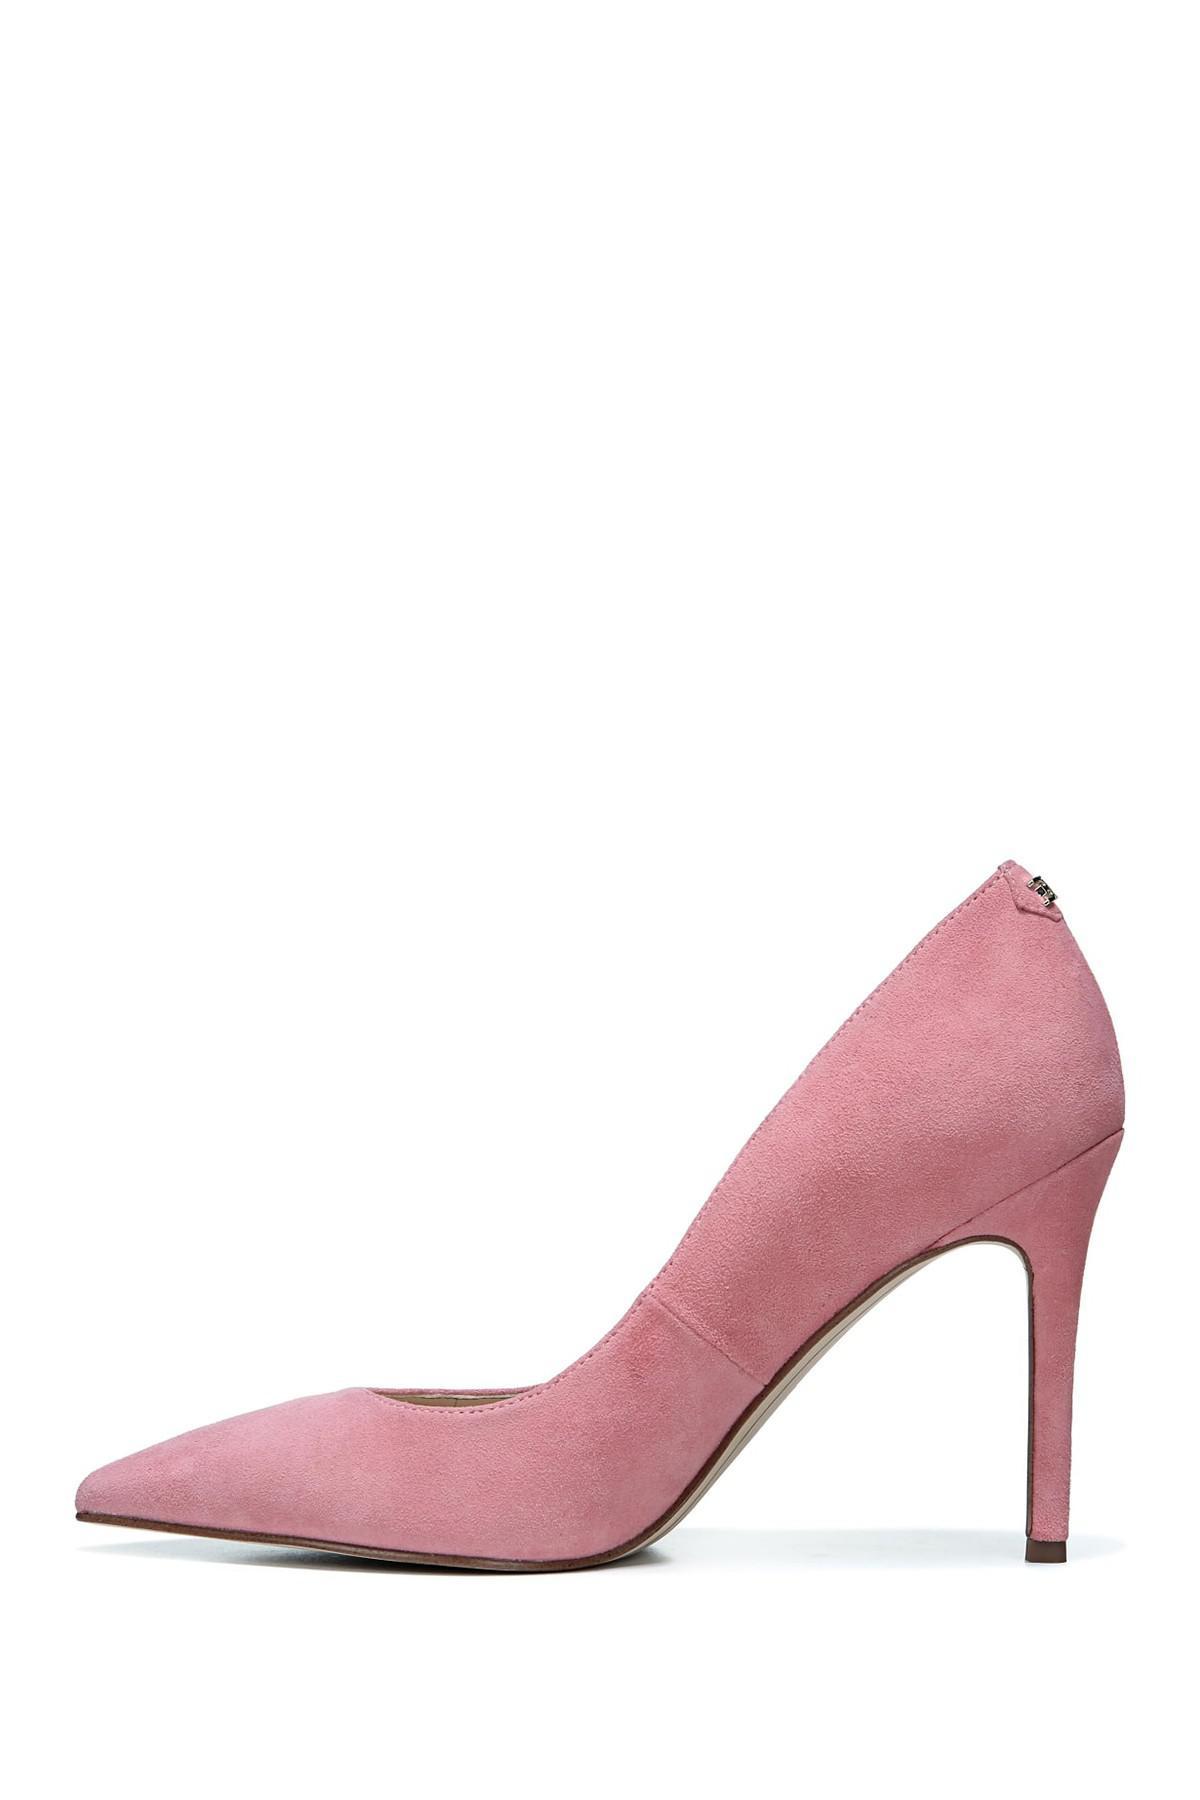 a0ab9dc76 Lyst - Sam Edelman Hazel Pointy Toe Pump (women) in Pink